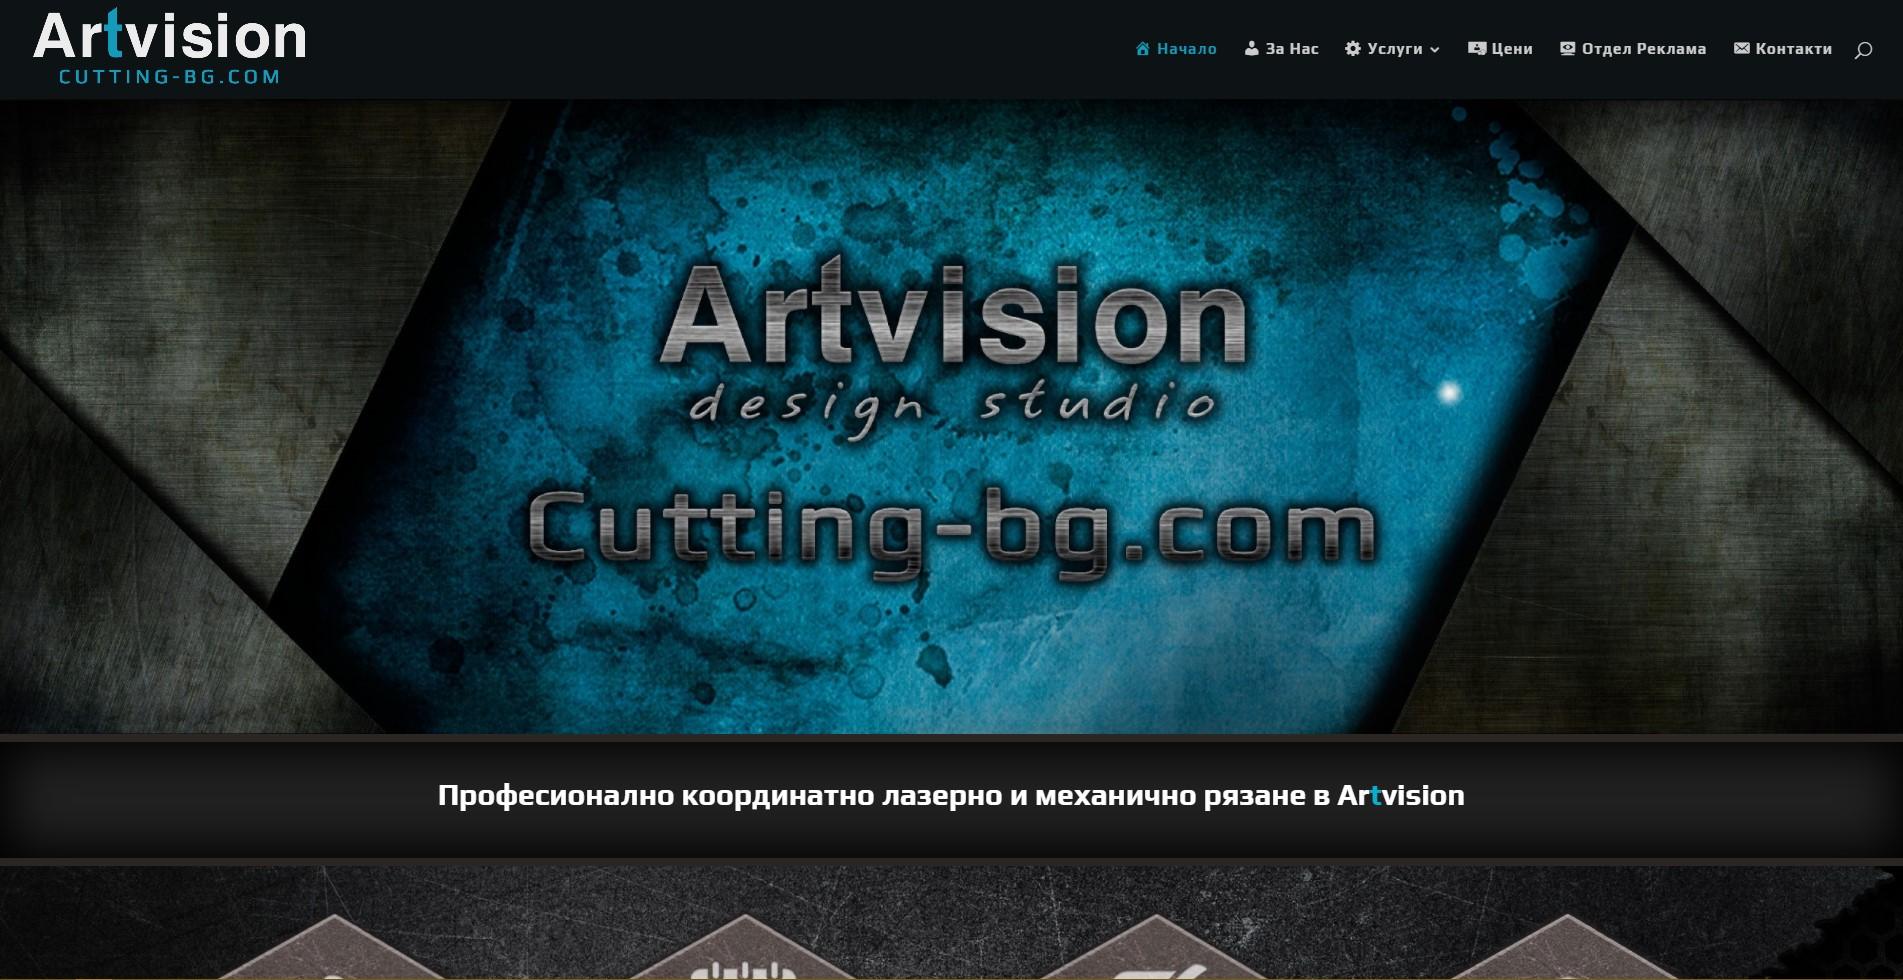 Цялостно изготвяне на уеб сайт за рекламна агенция